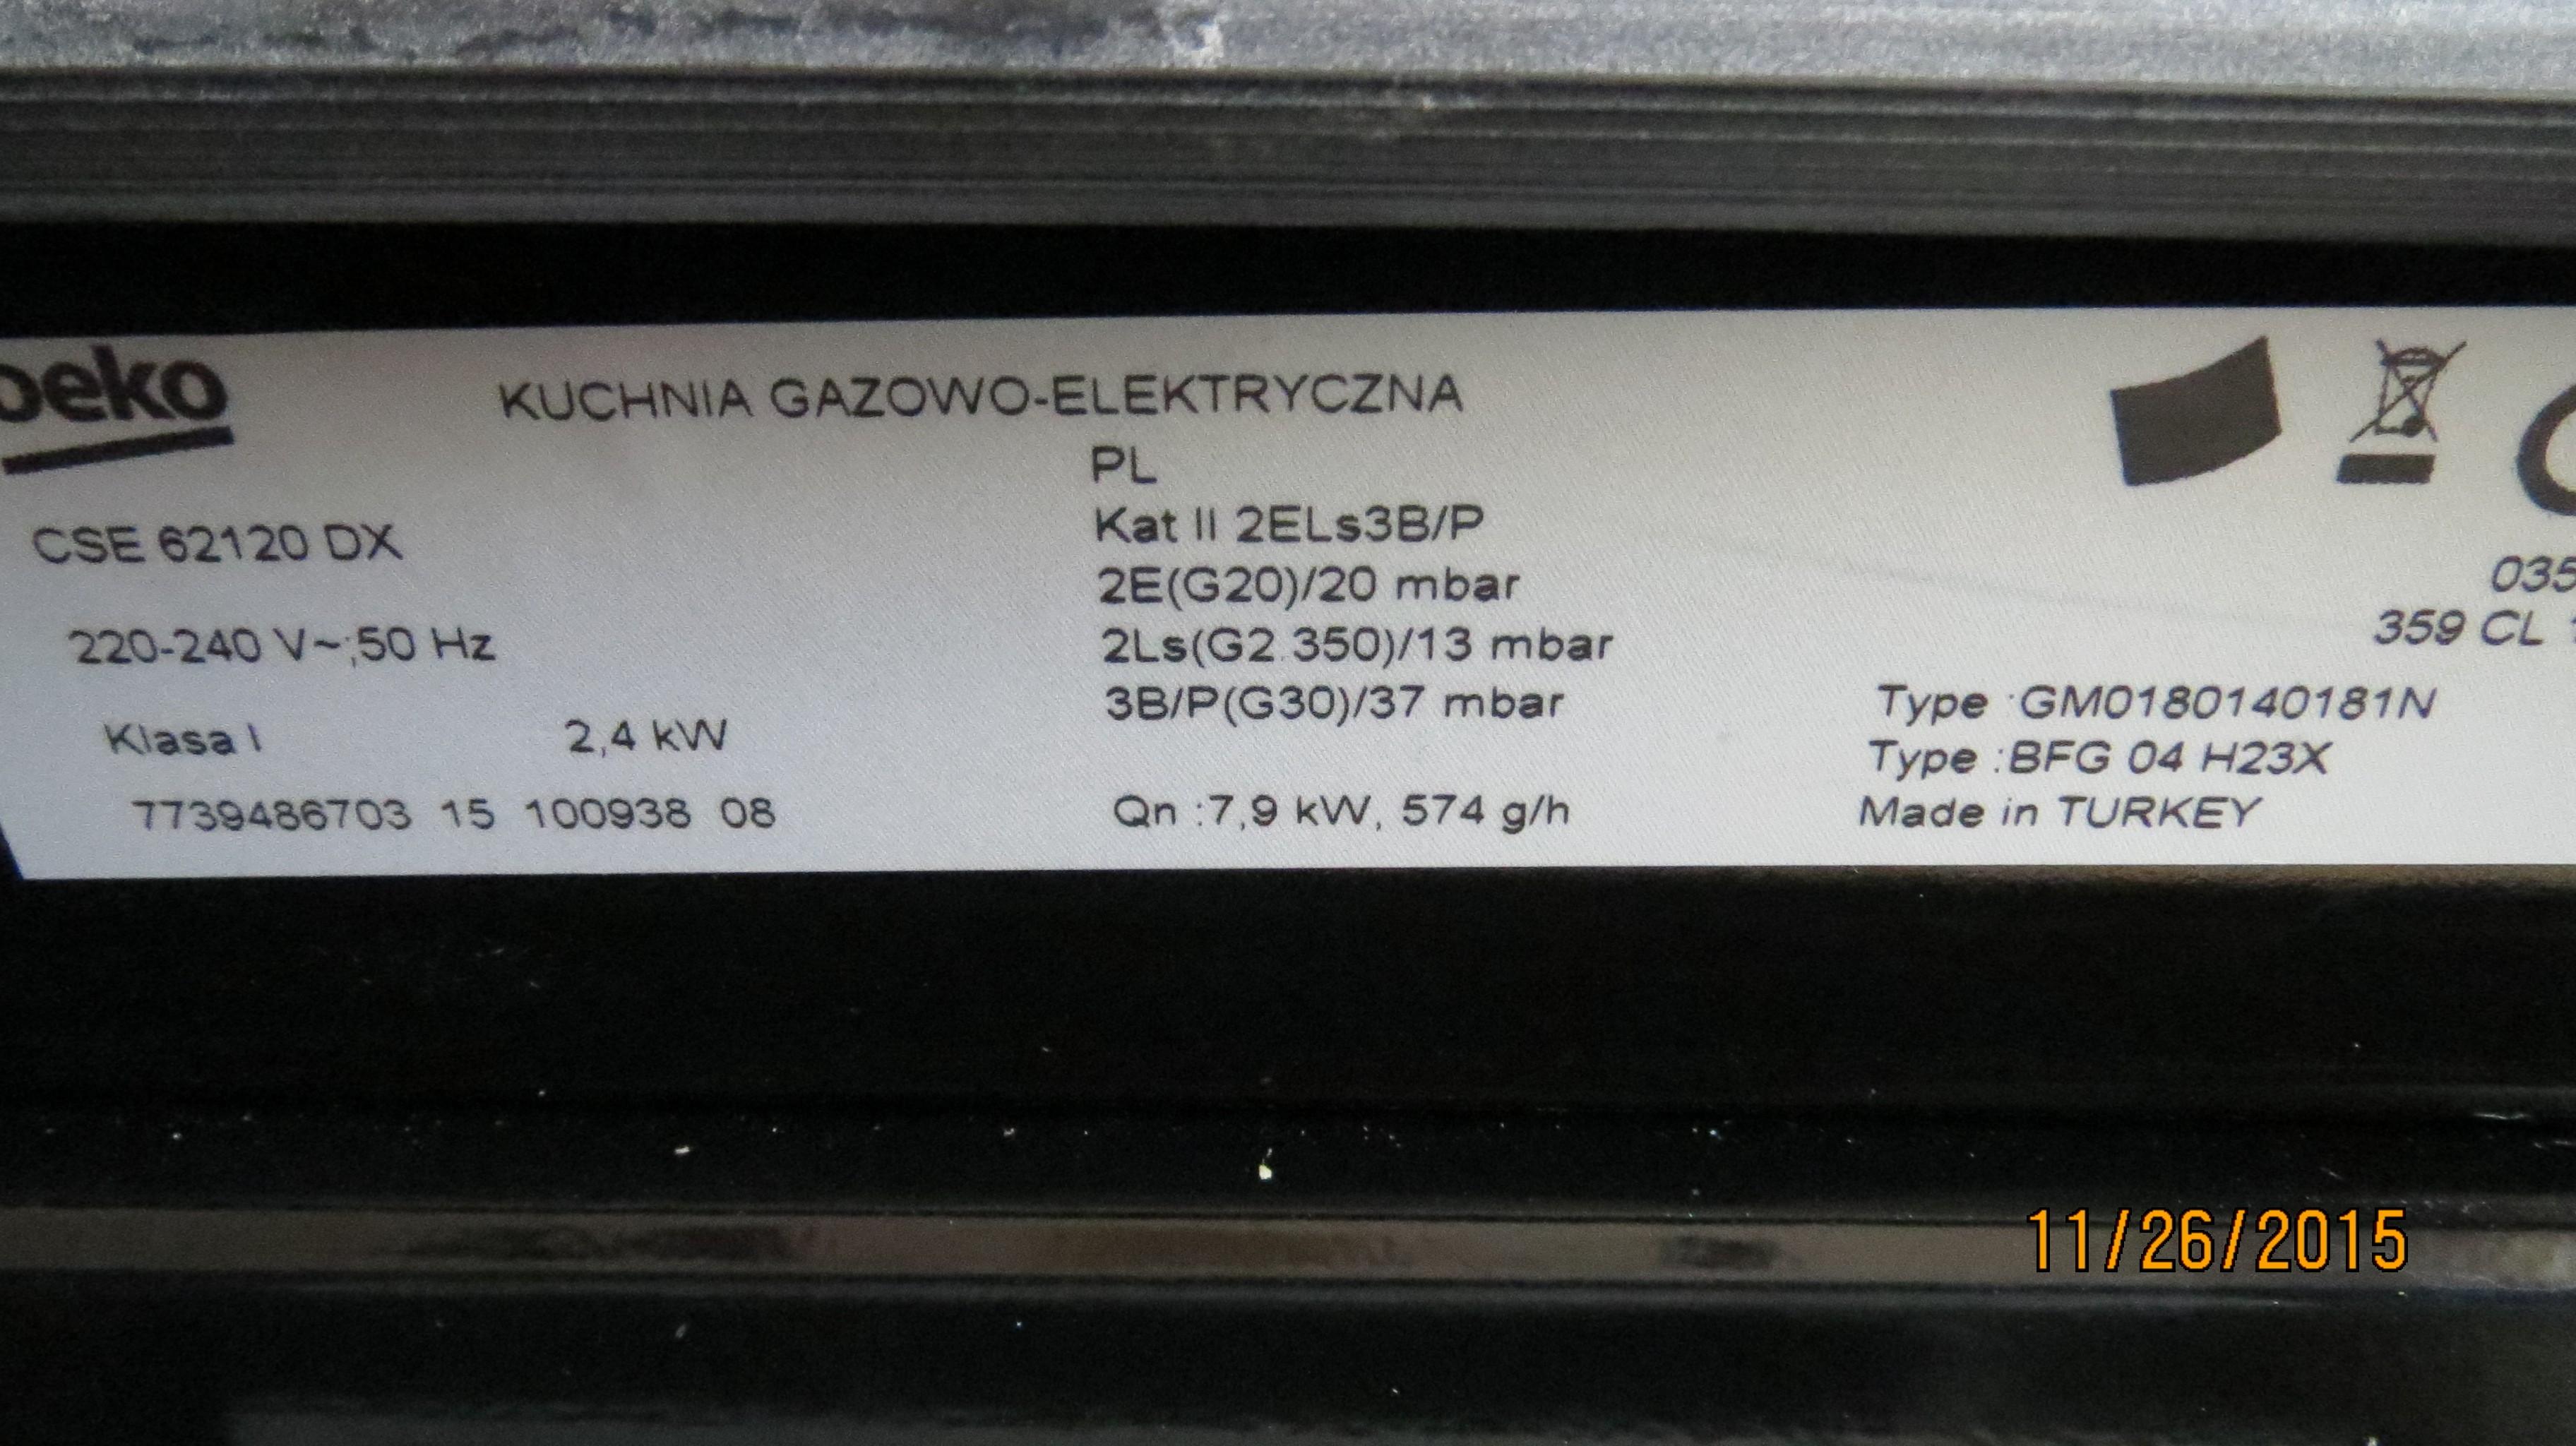 плита Beko Cse 62120 обзоры инструкции ссылки Beko Cse 62120